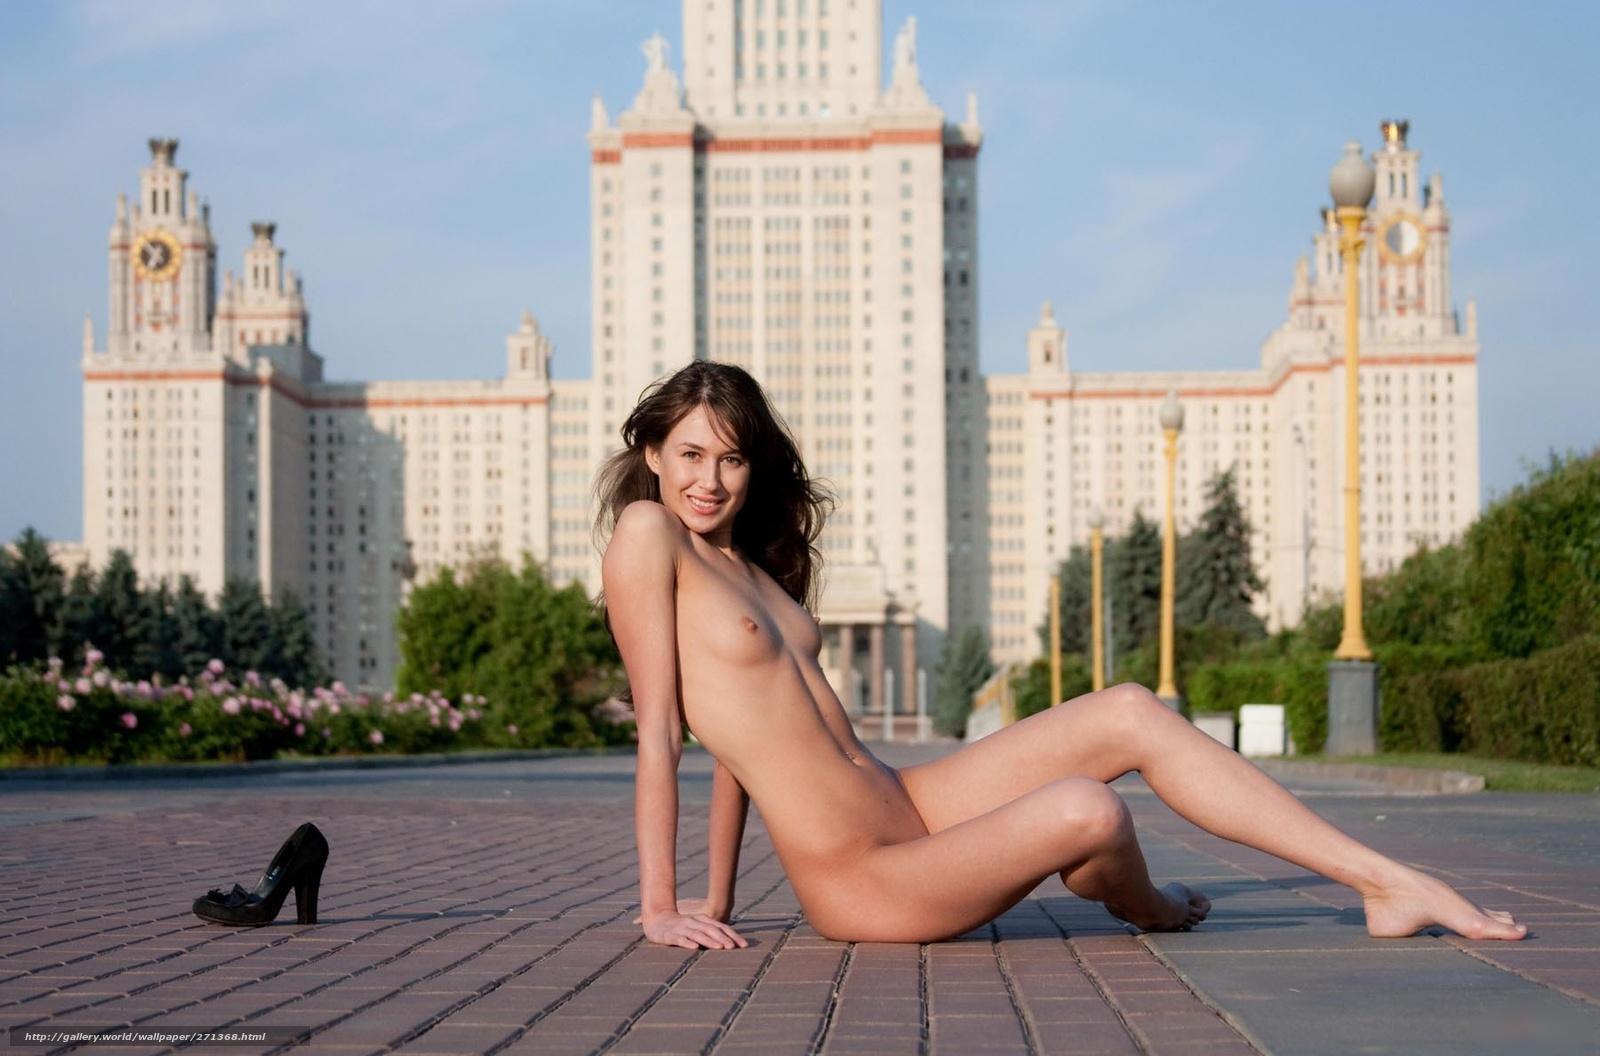 Русские реальные порносъёмки 3 фотография